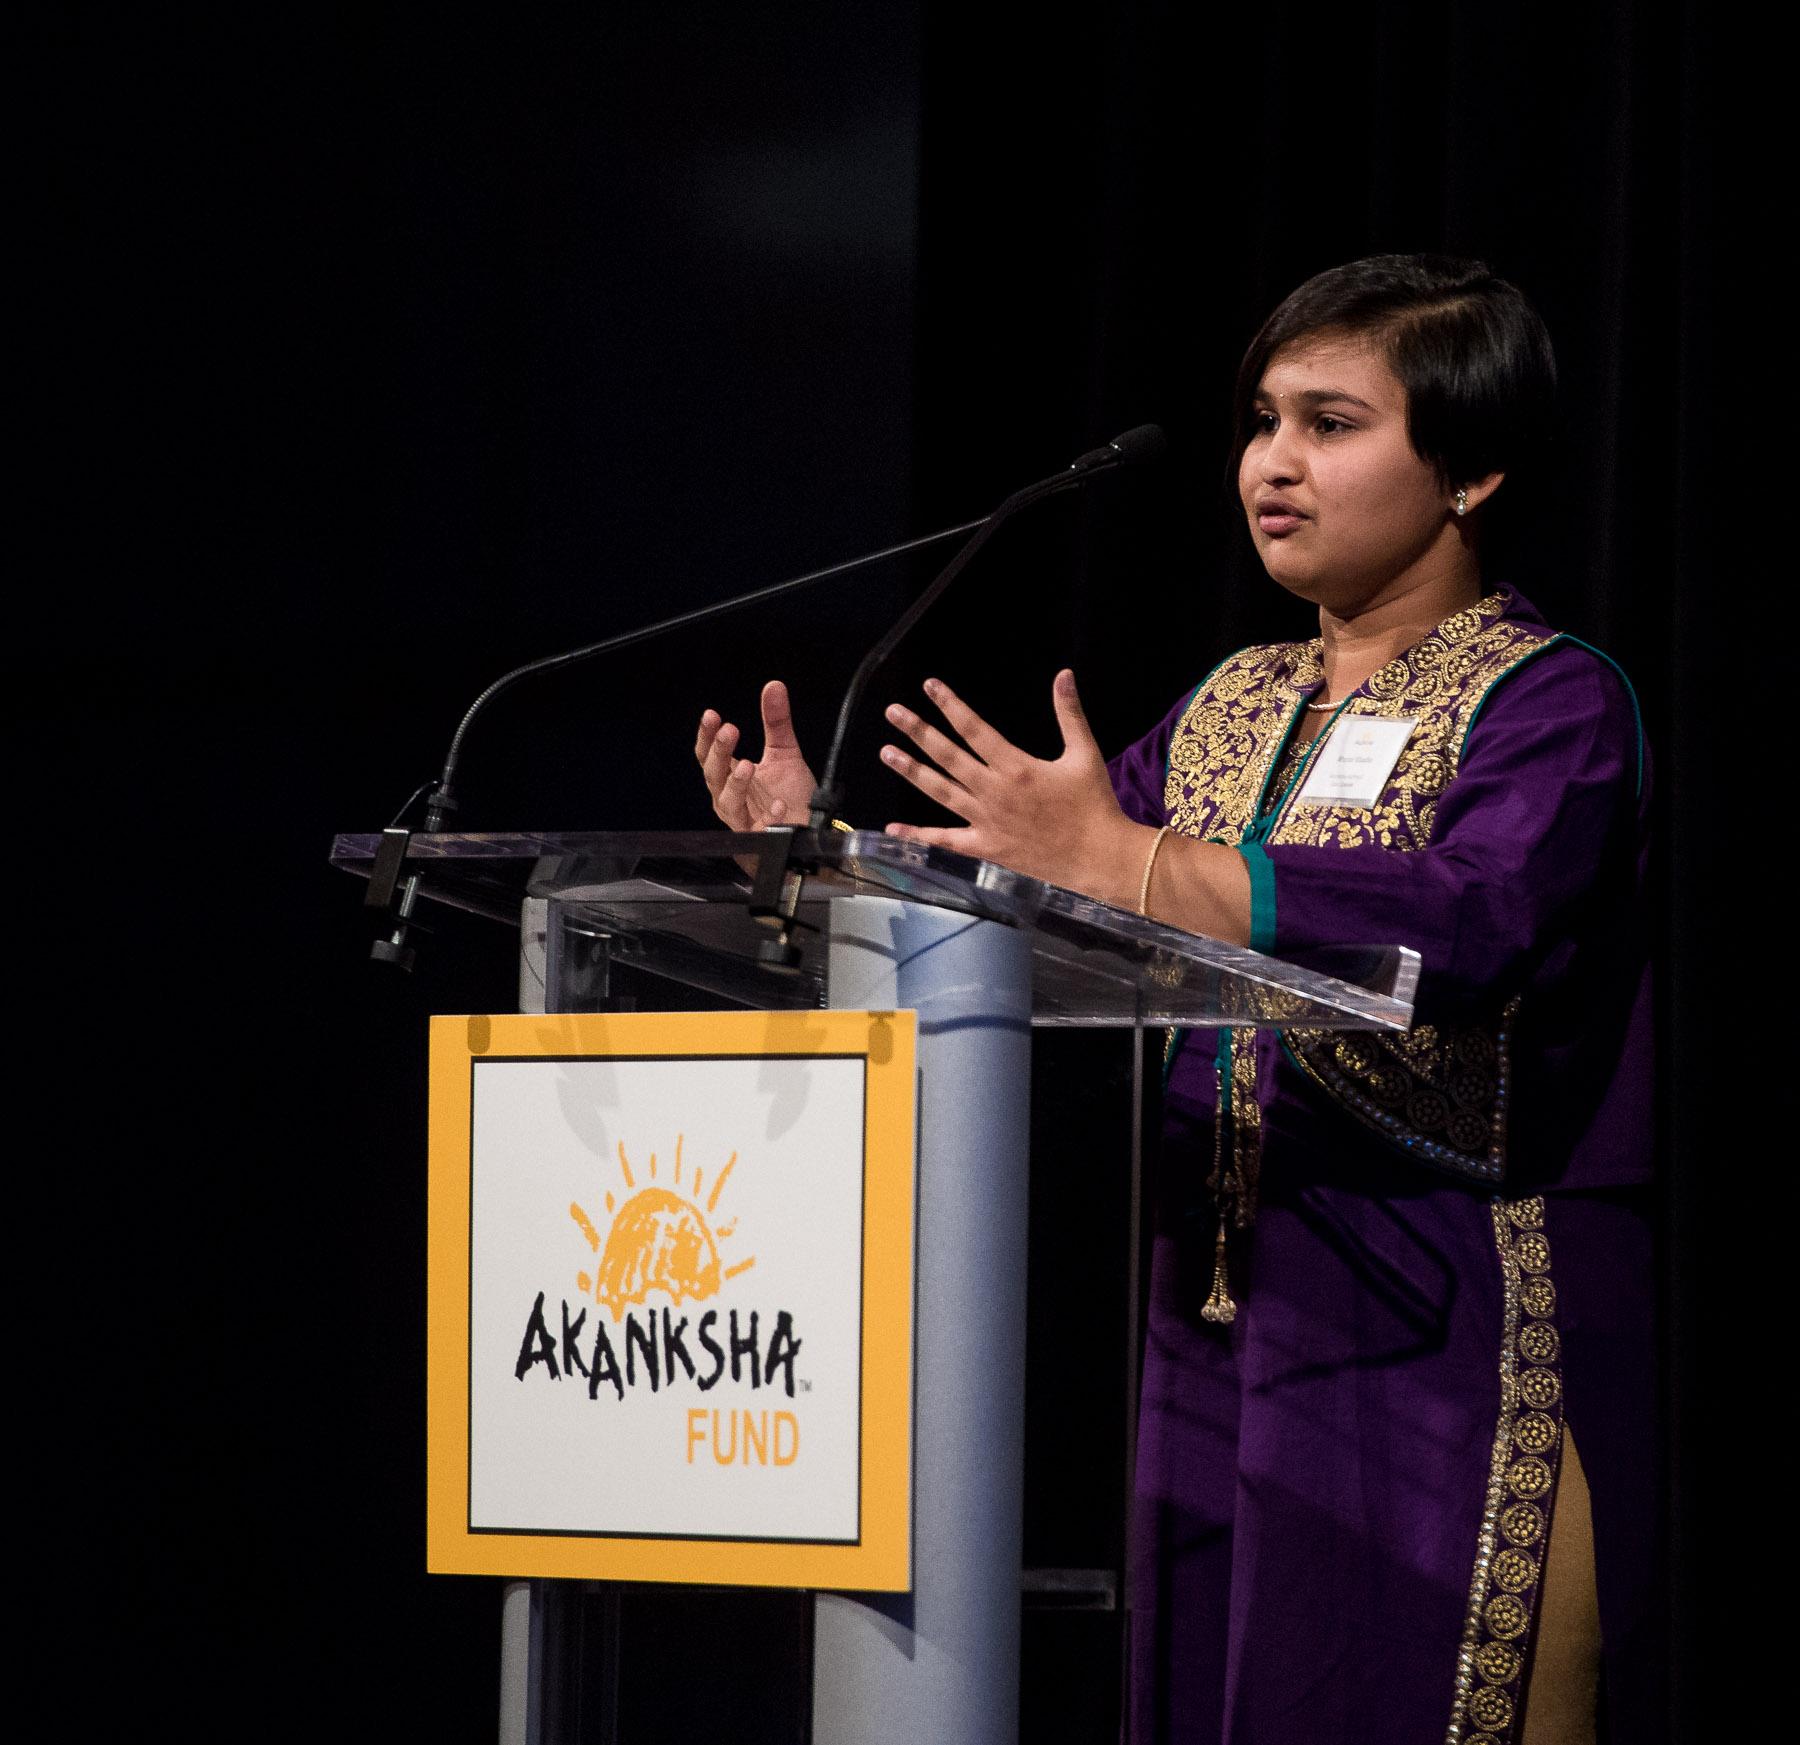 Mrunal Khadke, Akanksha School Alumna